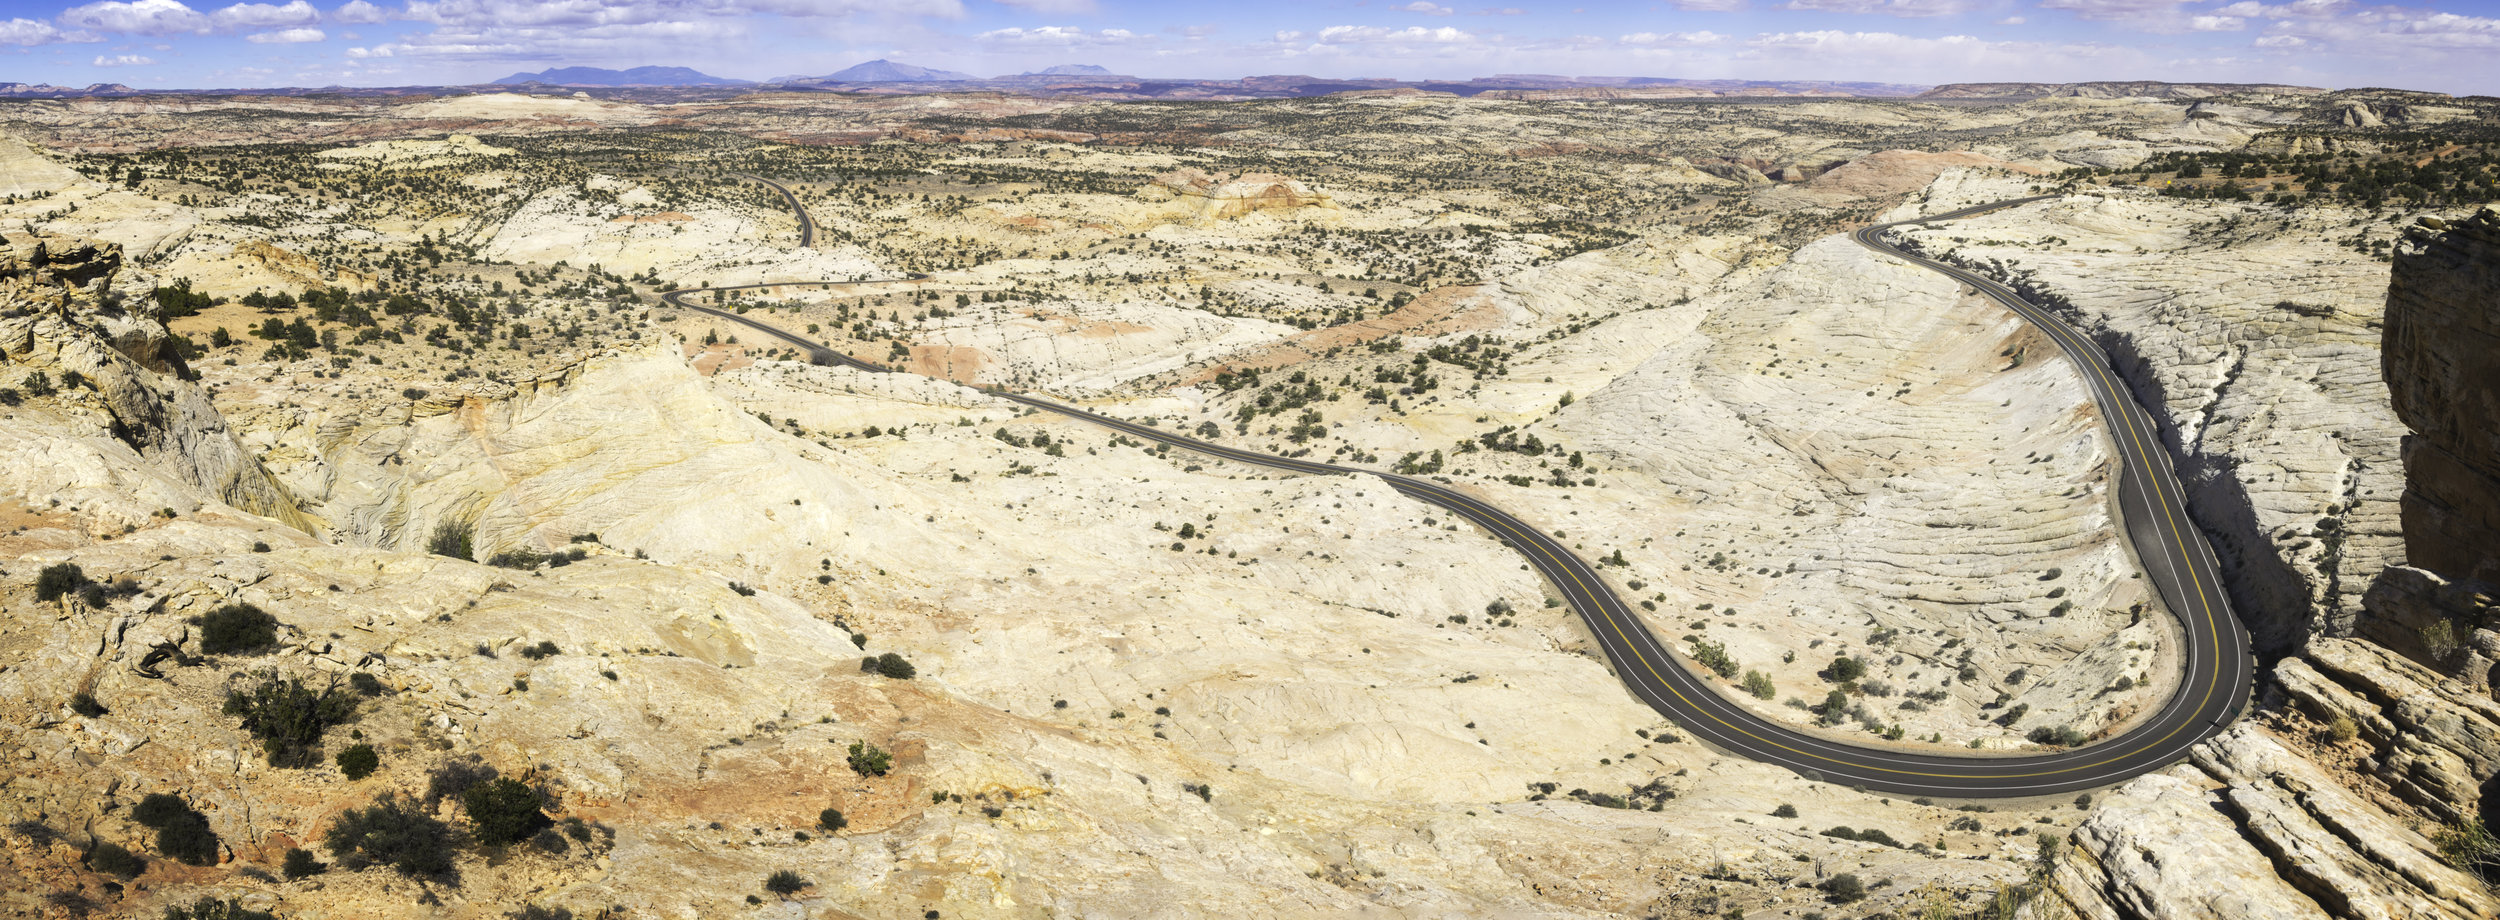 Escalante Road Pano.jpg